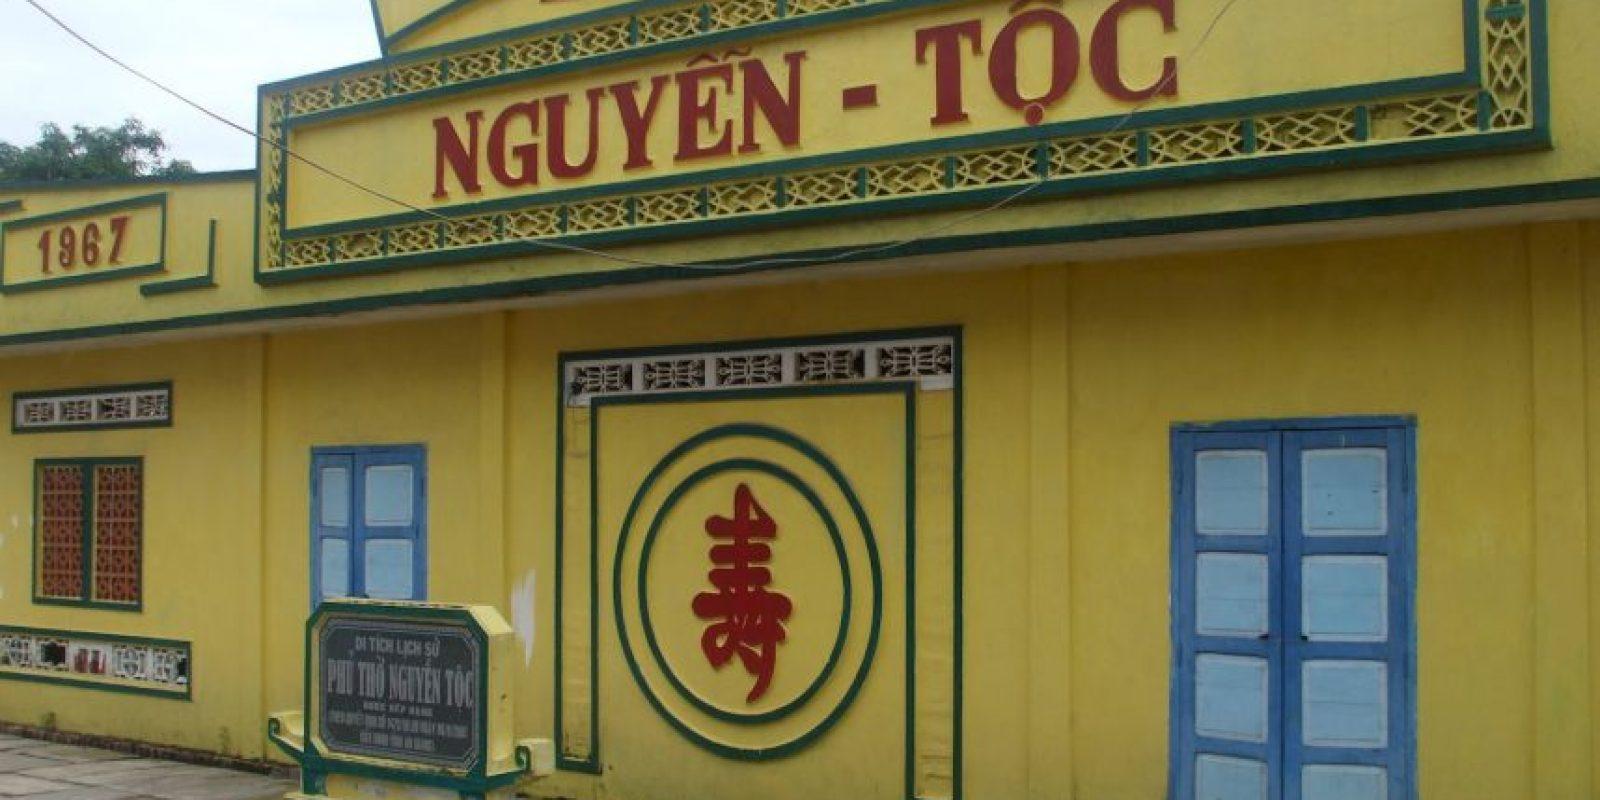 4.- Nguyễn – Más de 36 millones de personas. Nguyễn es el apellido más común en Vietnam. Foto:Getty Images